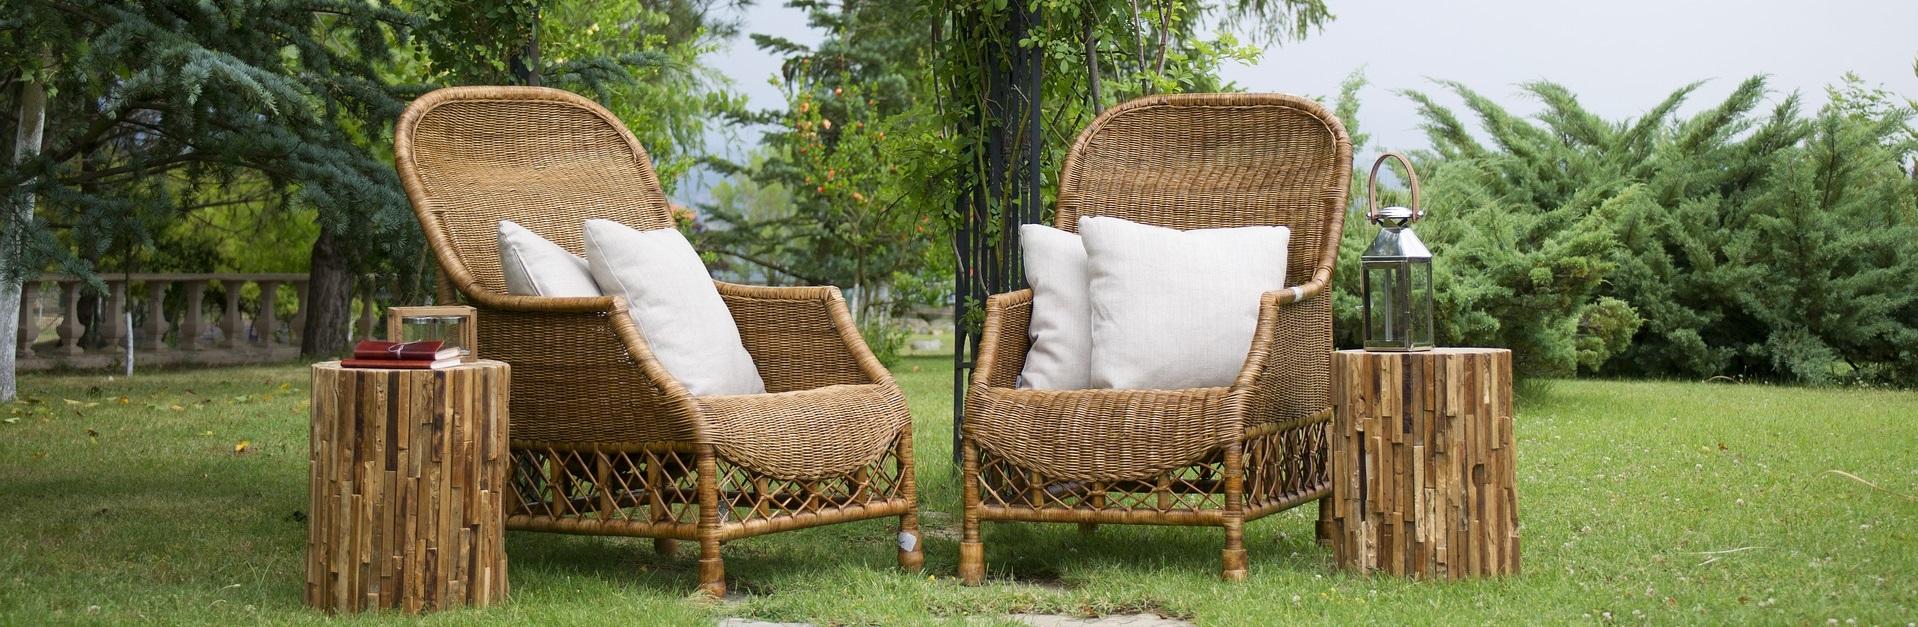 verschiedene Gartenmöbel aus Bambus